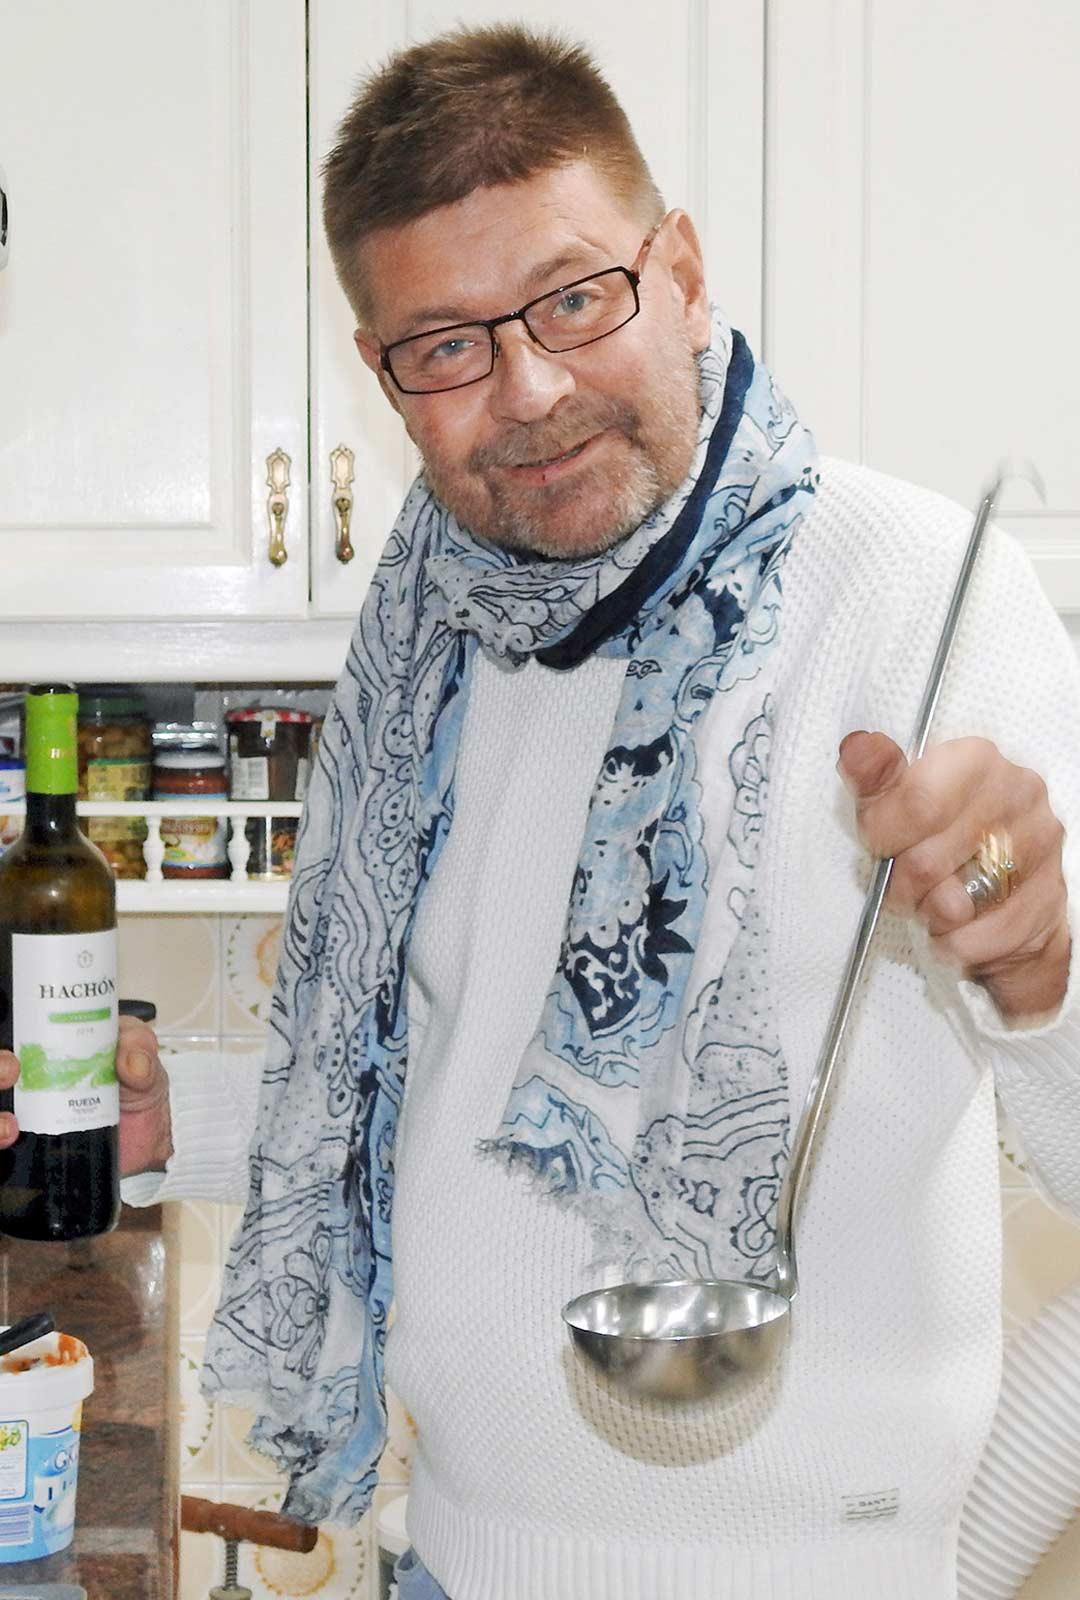 Kauhasta irtoaa vanha keittiövitsi: vain mausteeksi. Jos kauhan jättää kattilaan keitoksen päälle, loraus mausteeksi jääkin oikeasti kauhaan kokin hörpättäväksi.